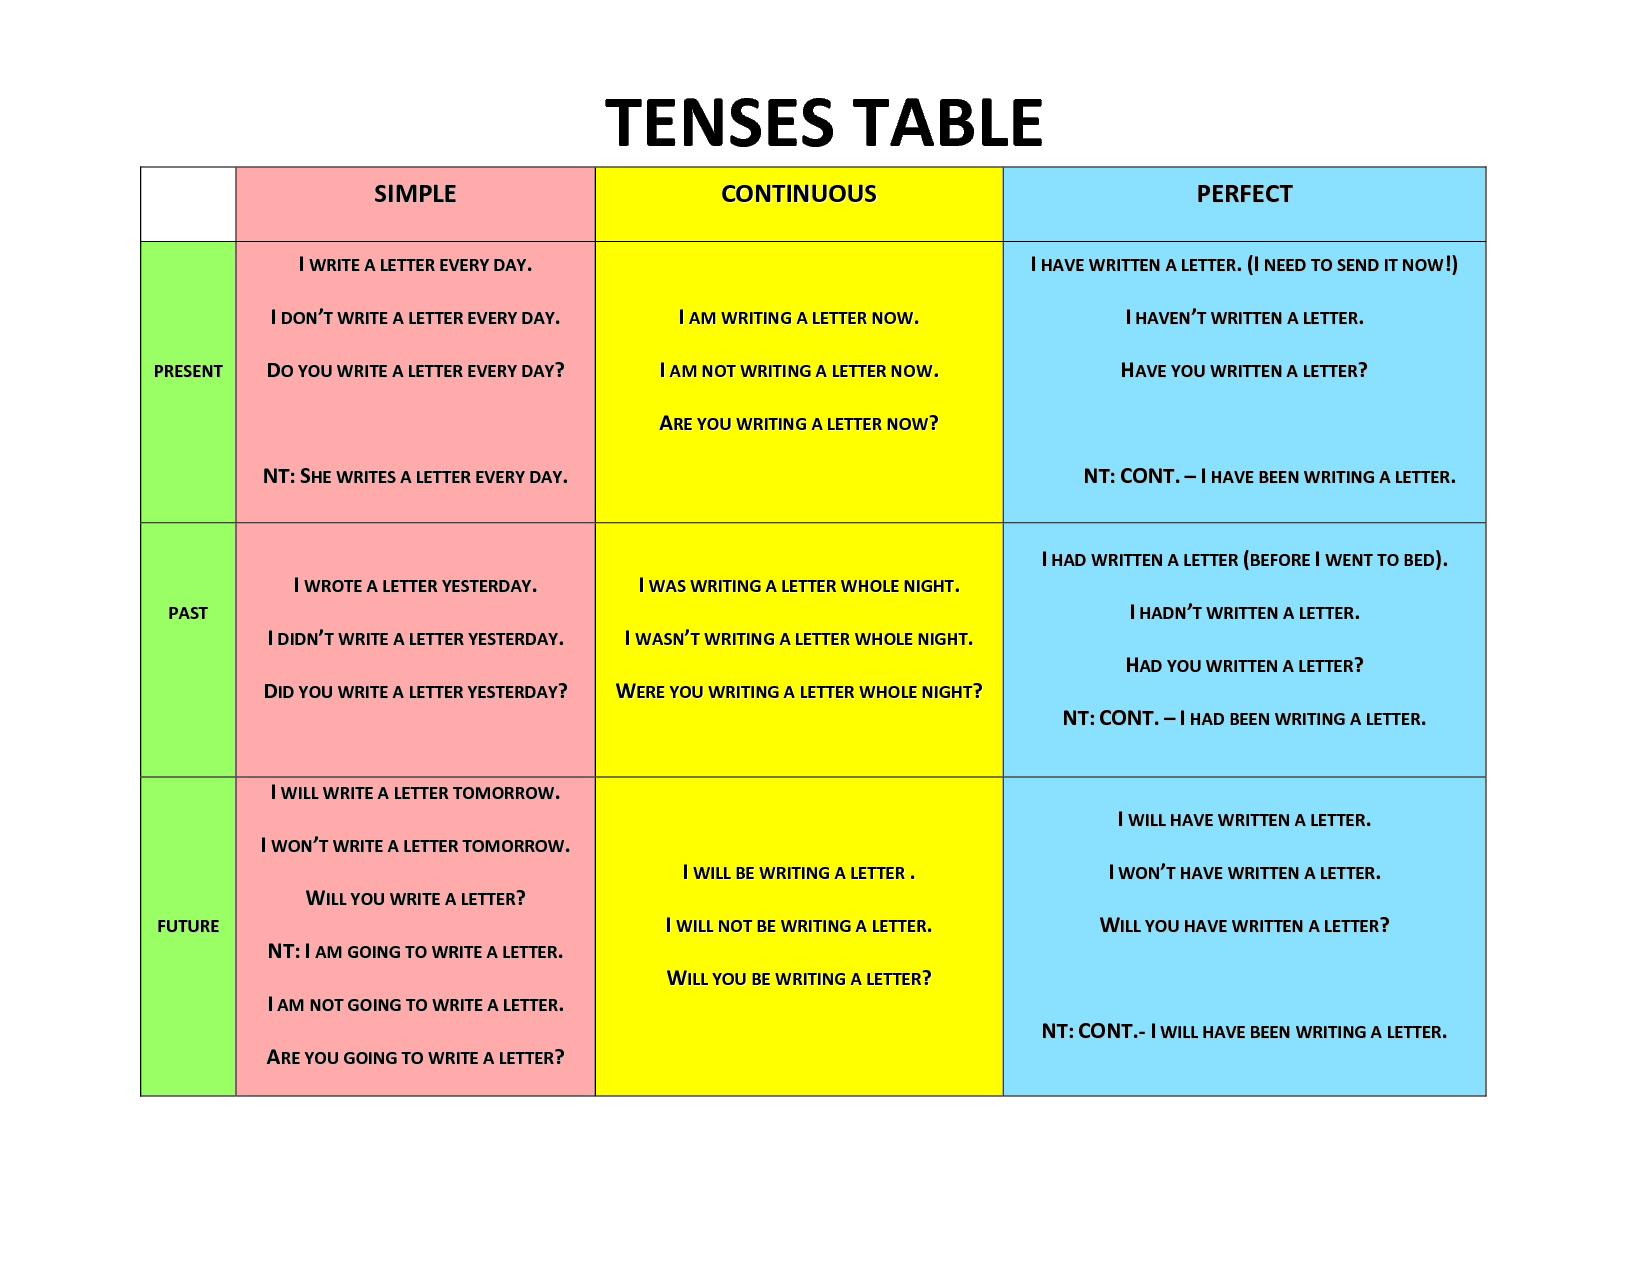 Tenses Tablo